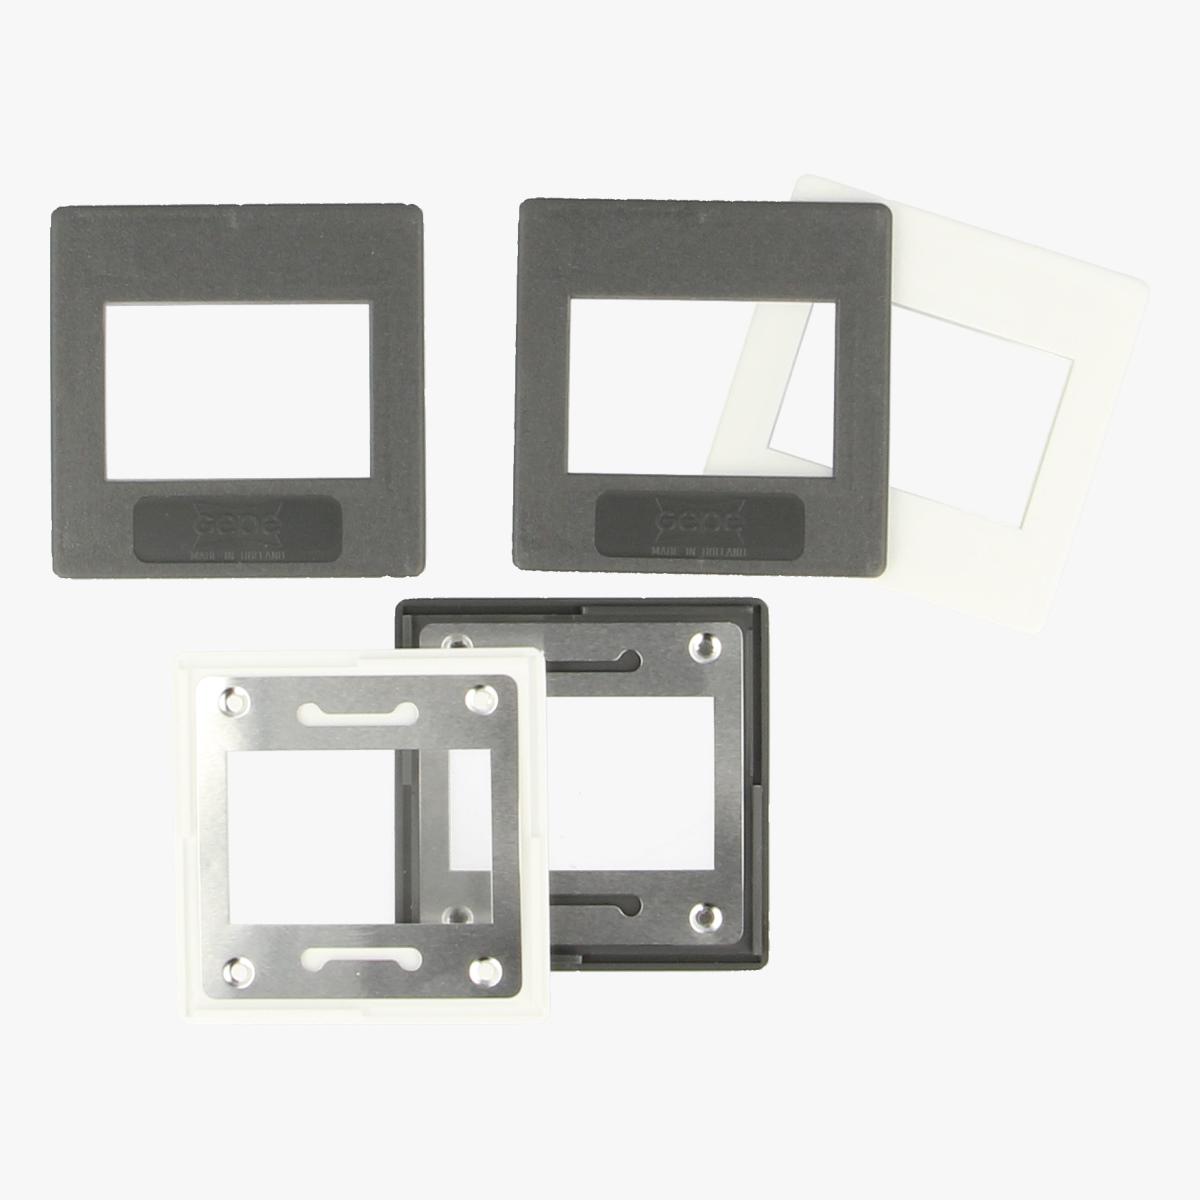 Afbeeldingen van Slide mounts with Glasses 3mm 20 stuks